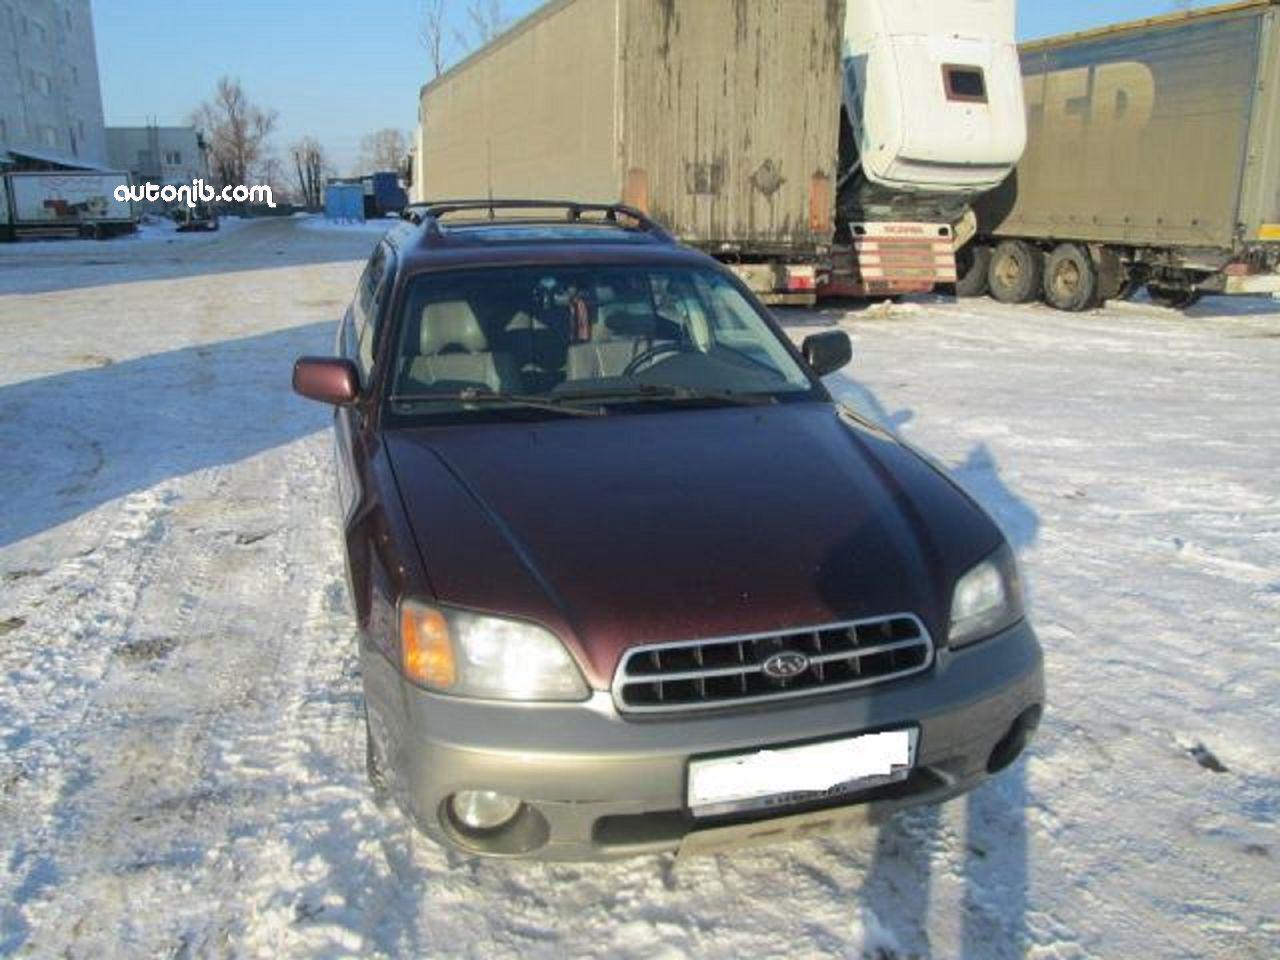 Купить Subaru Outback 2000 года в городе Москва